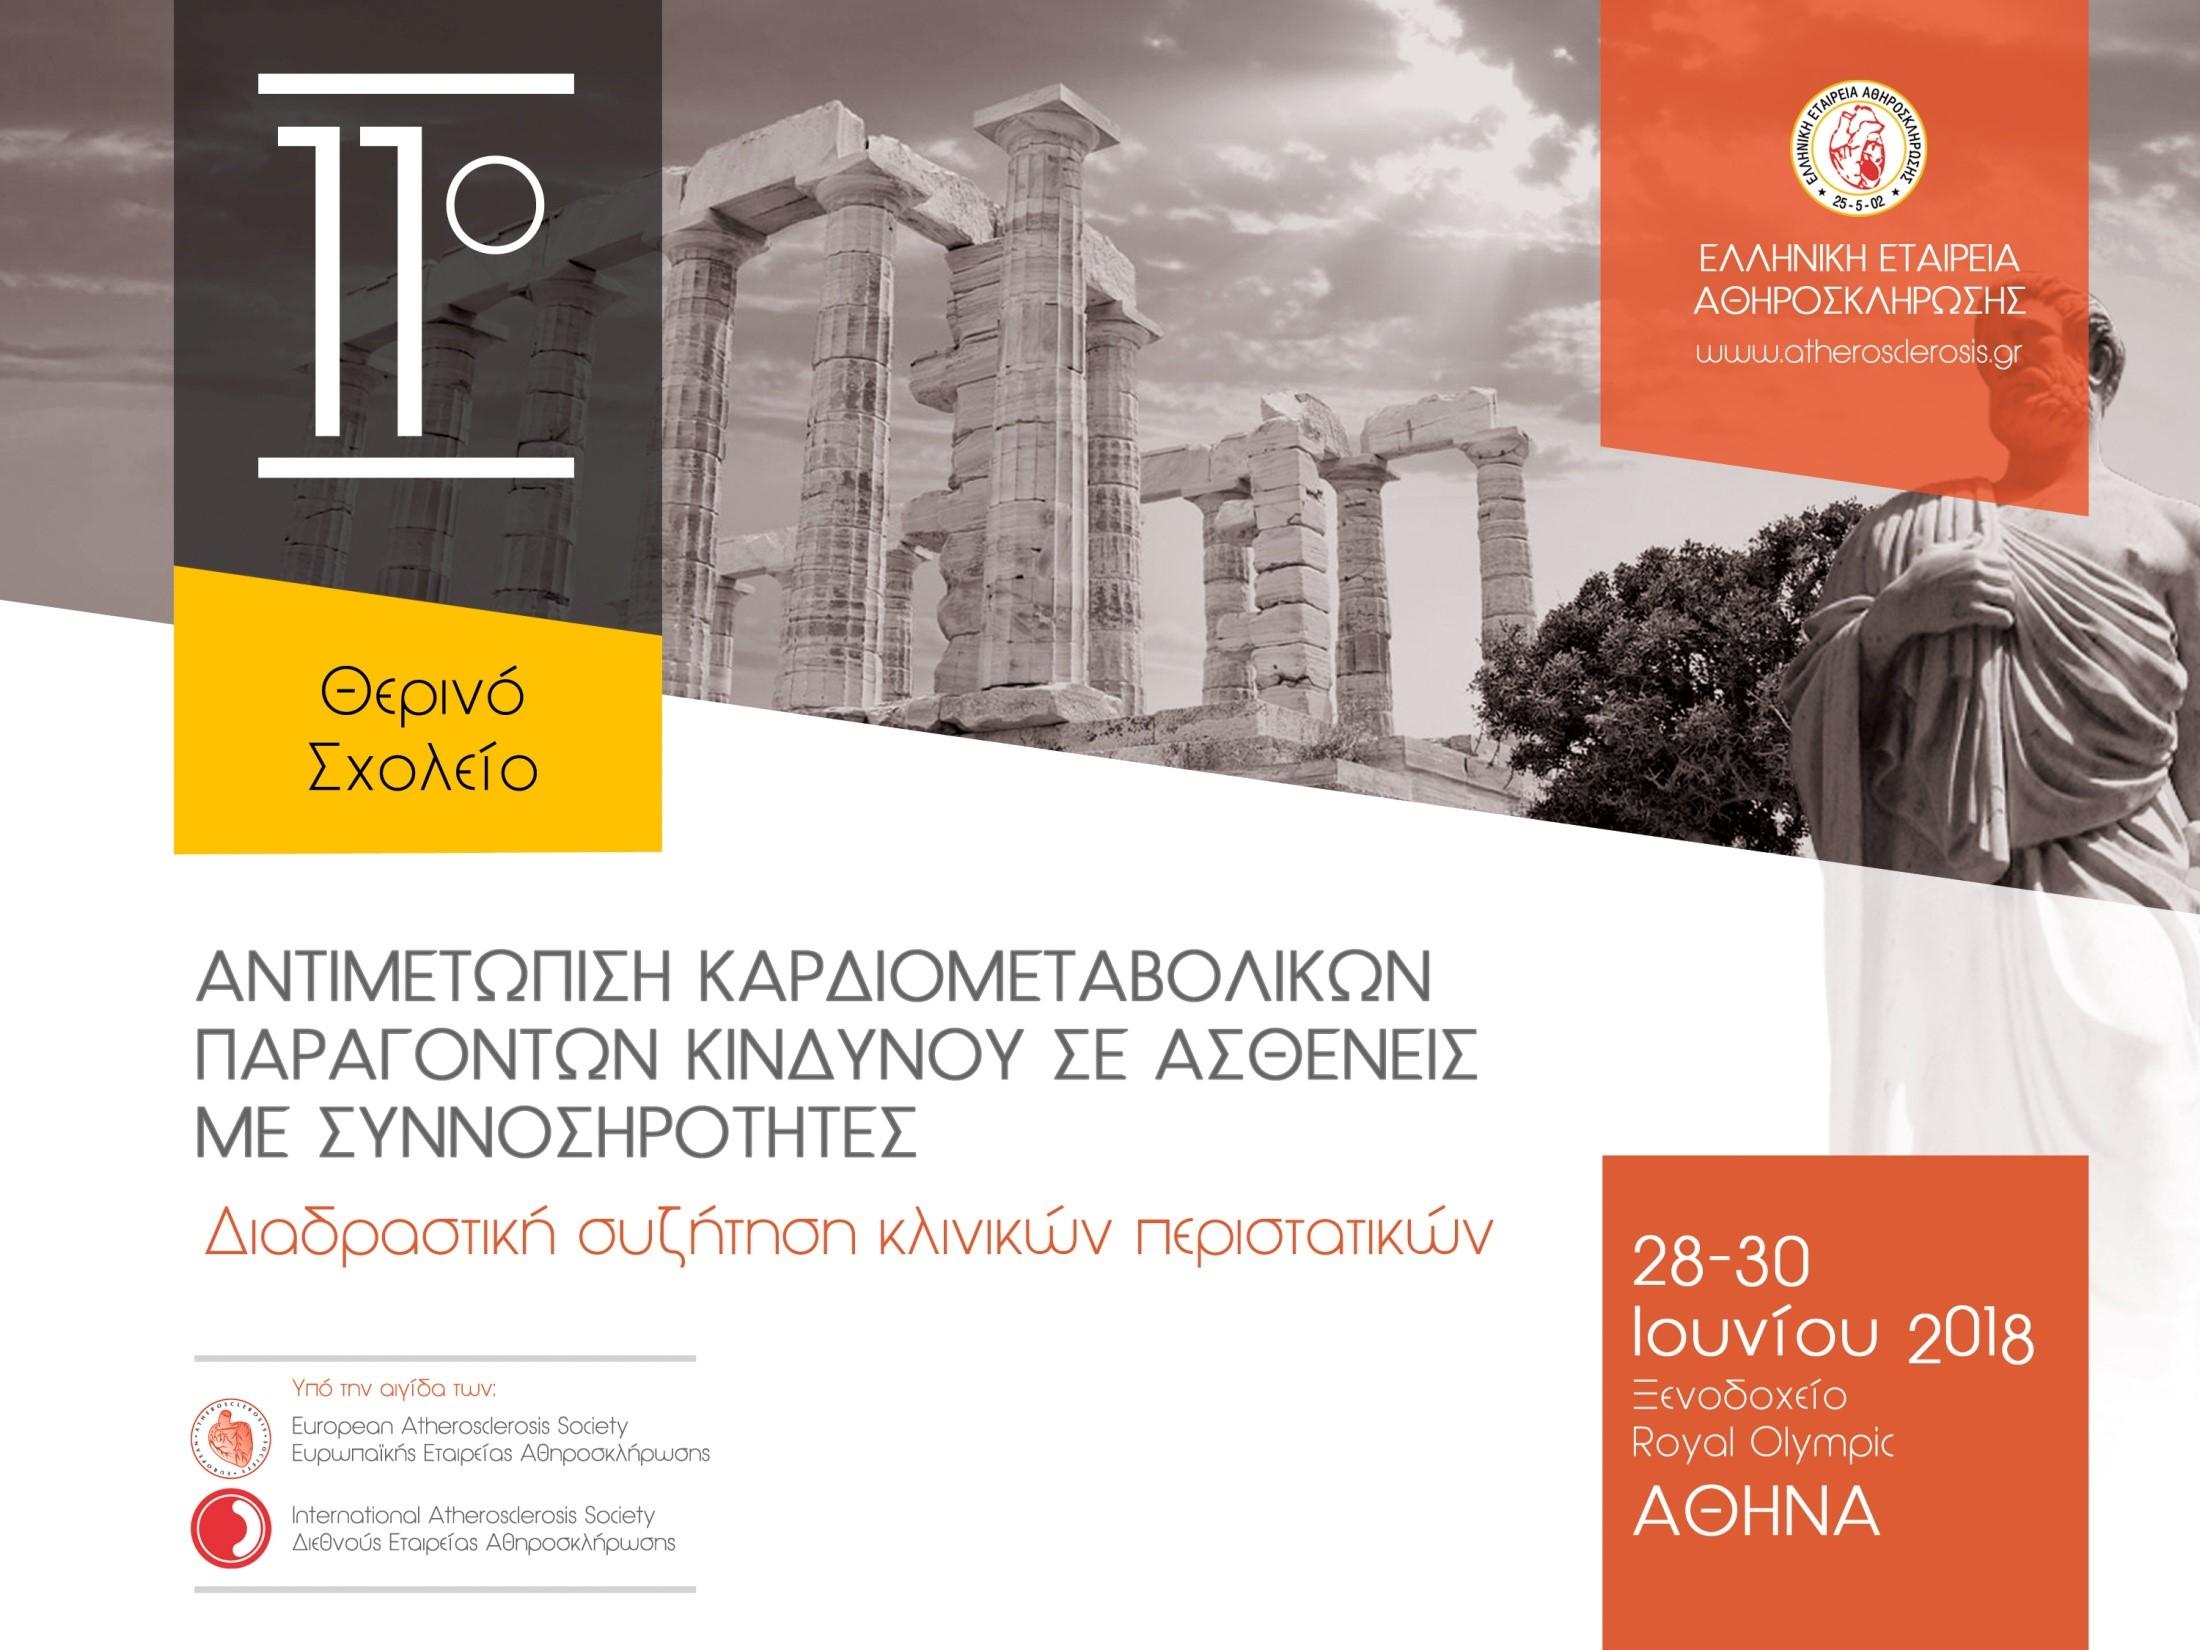 11ο Θερινό Σχολείο της Ελληνικής Εταιρείας Αθηροσκλήρωσης, 28-30 Ιουνίου 2018, Ξενοδοχείο Royal Olympic, Αθήνα